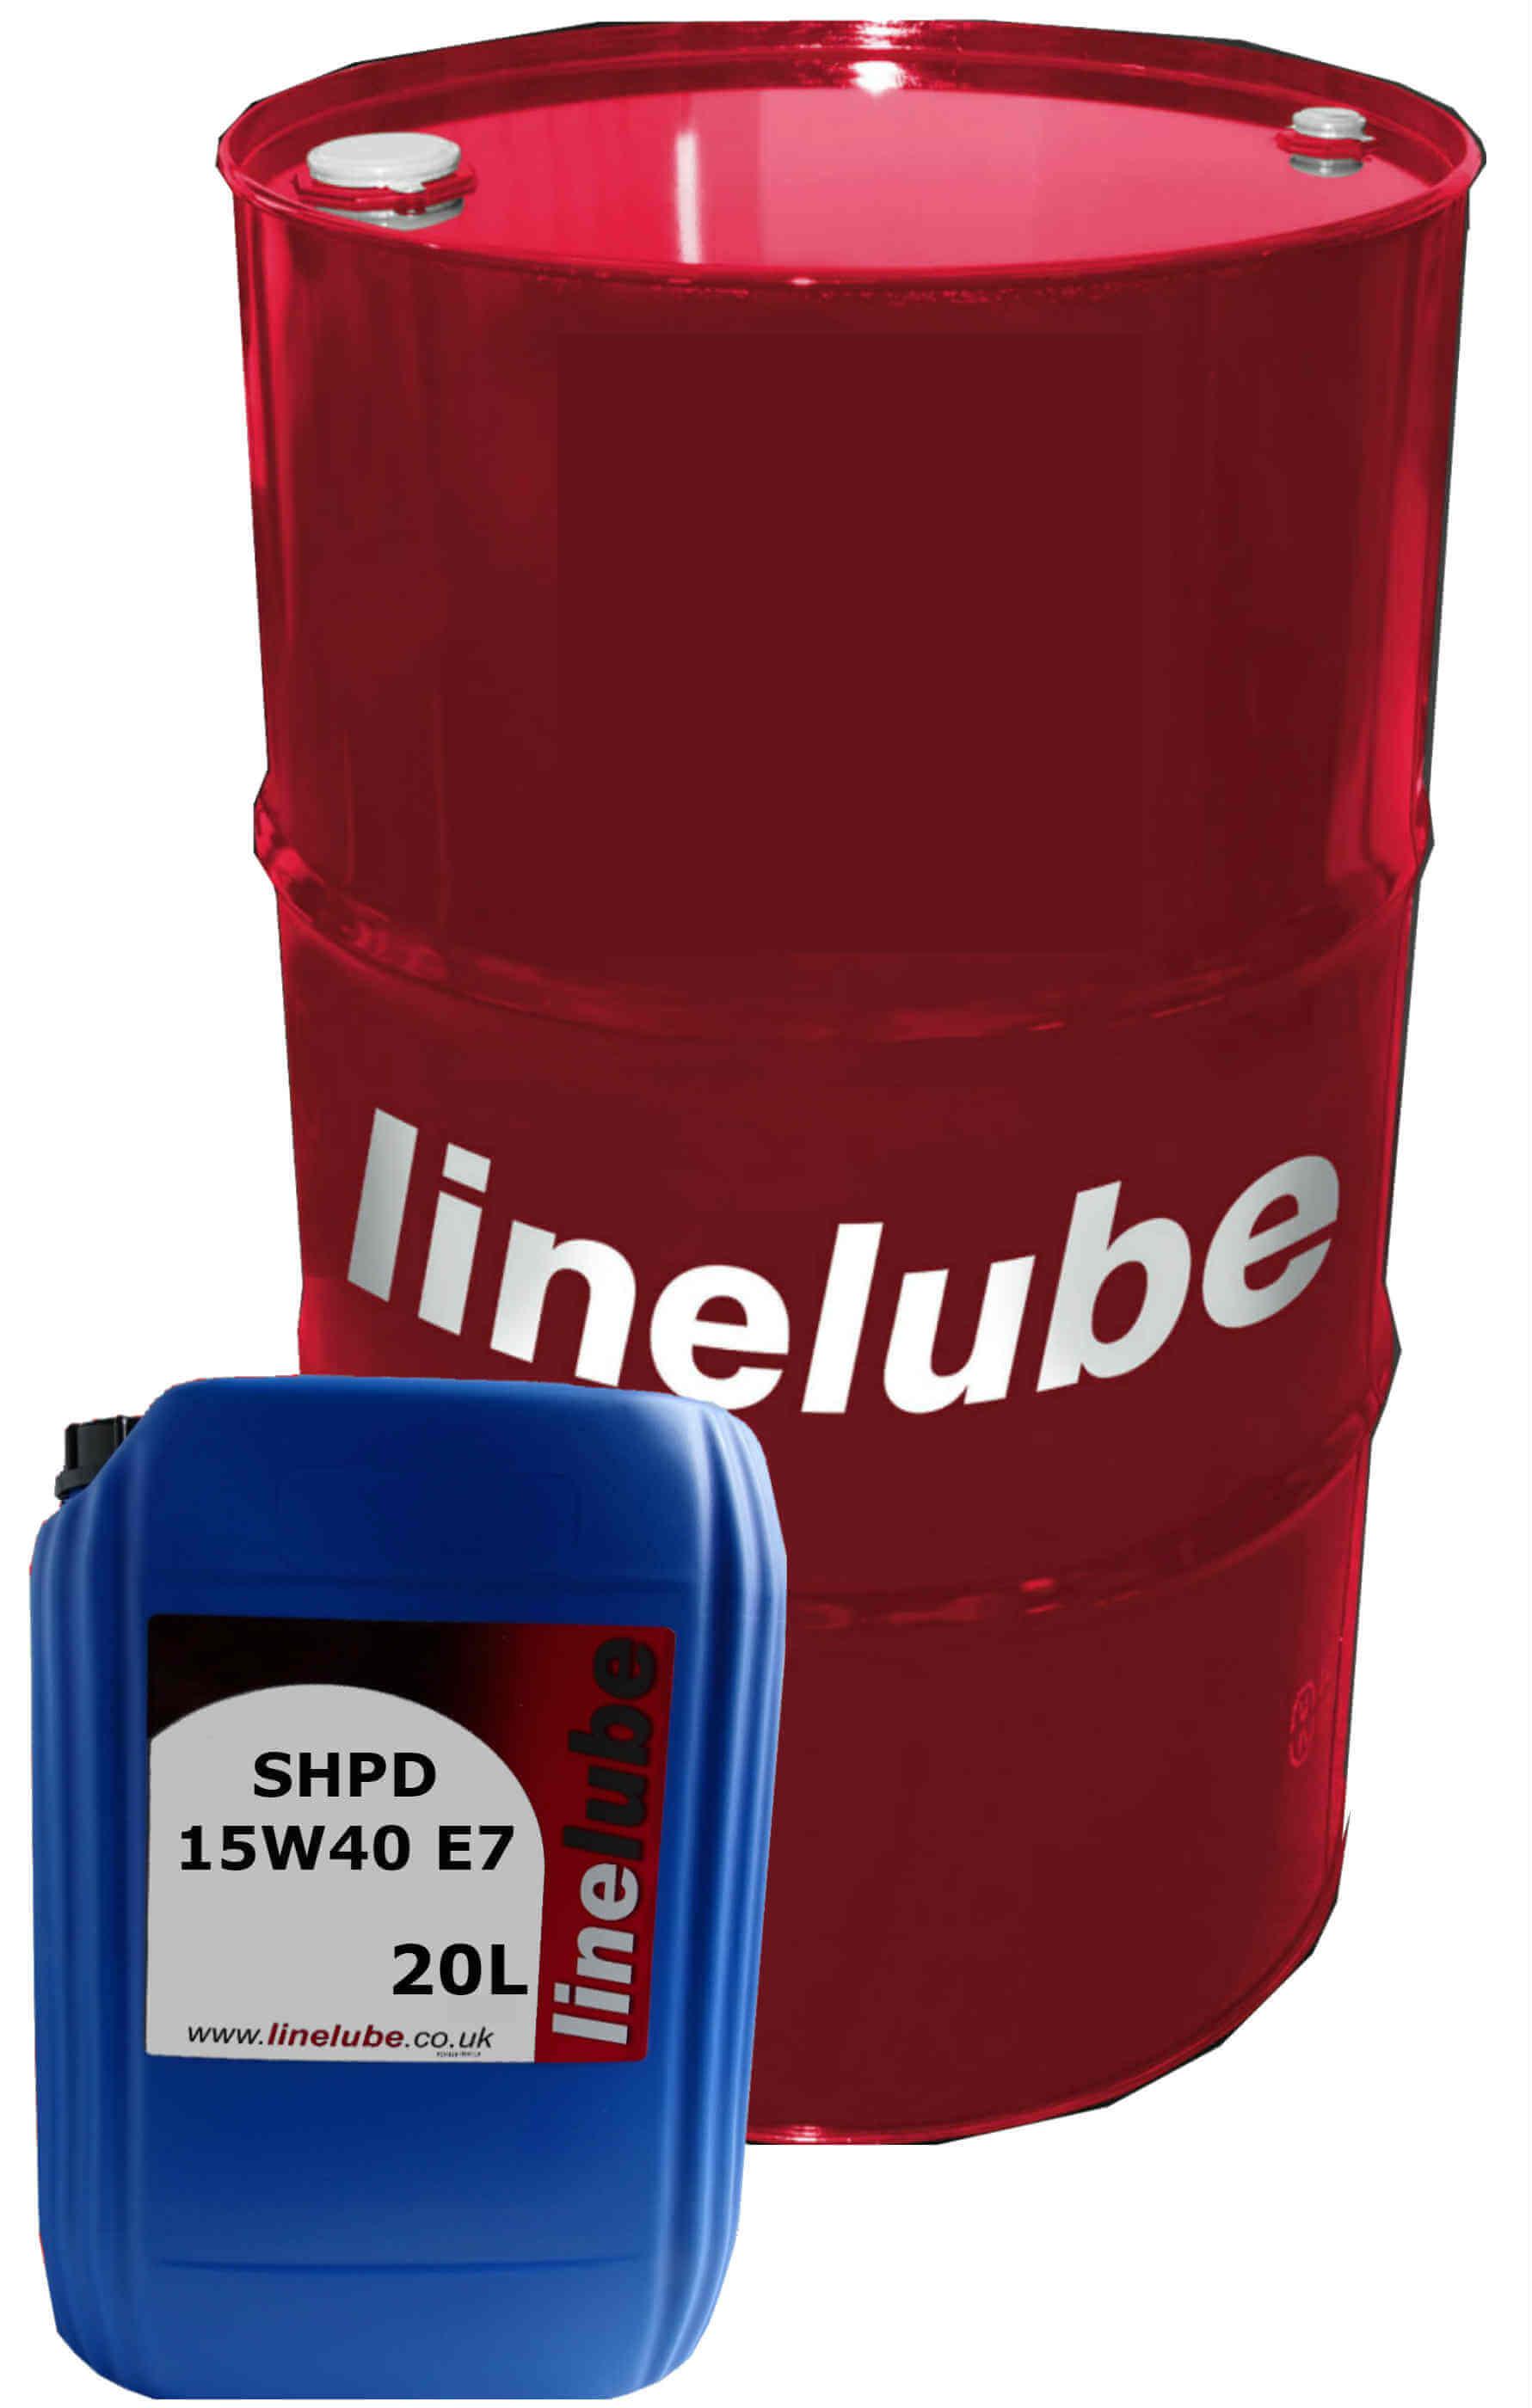 Linelube SHPD 15W40 E7